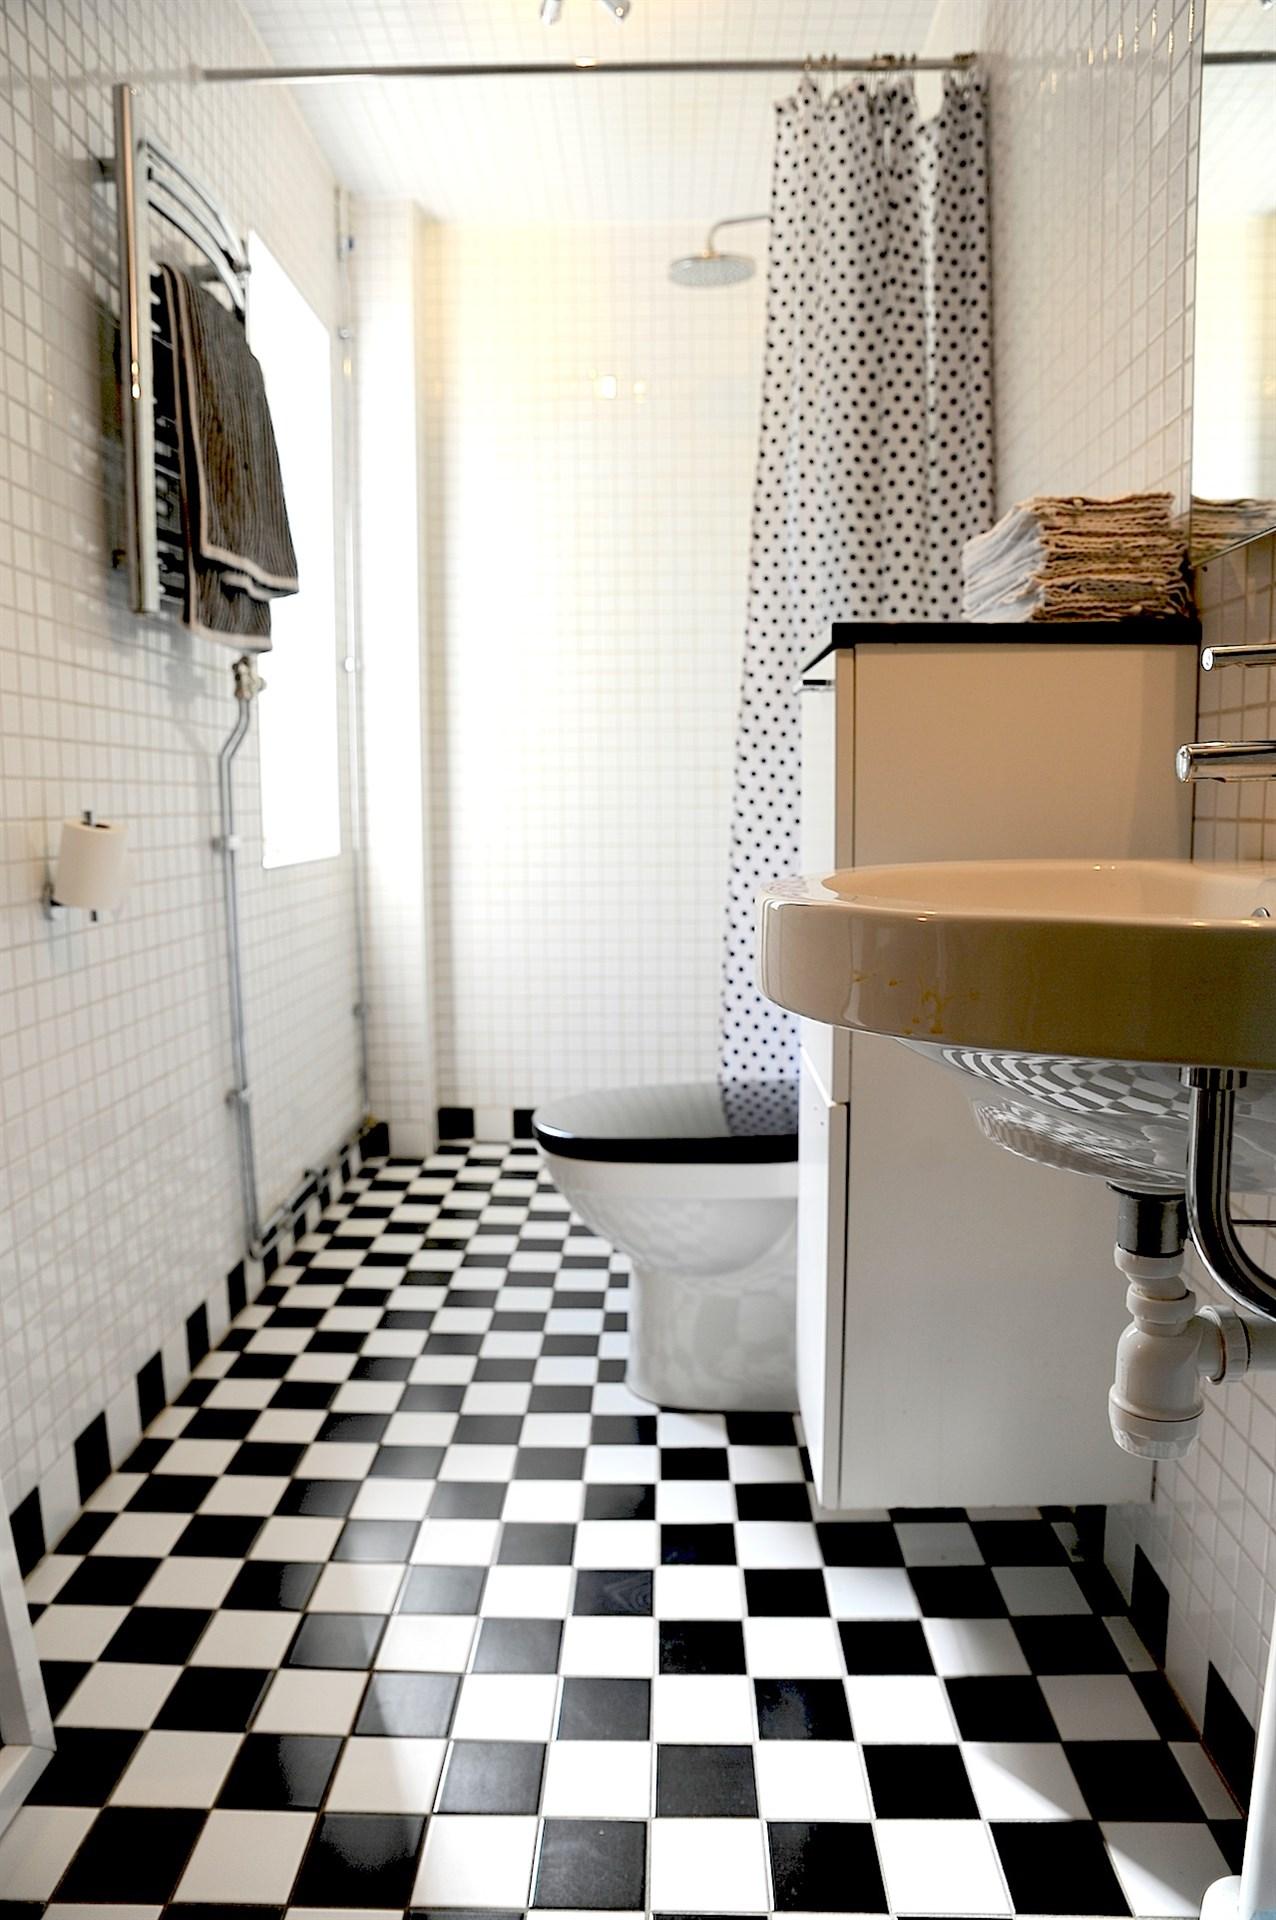 Helkaklad toalett med dusch samt även tvättmaskin och torktumlare